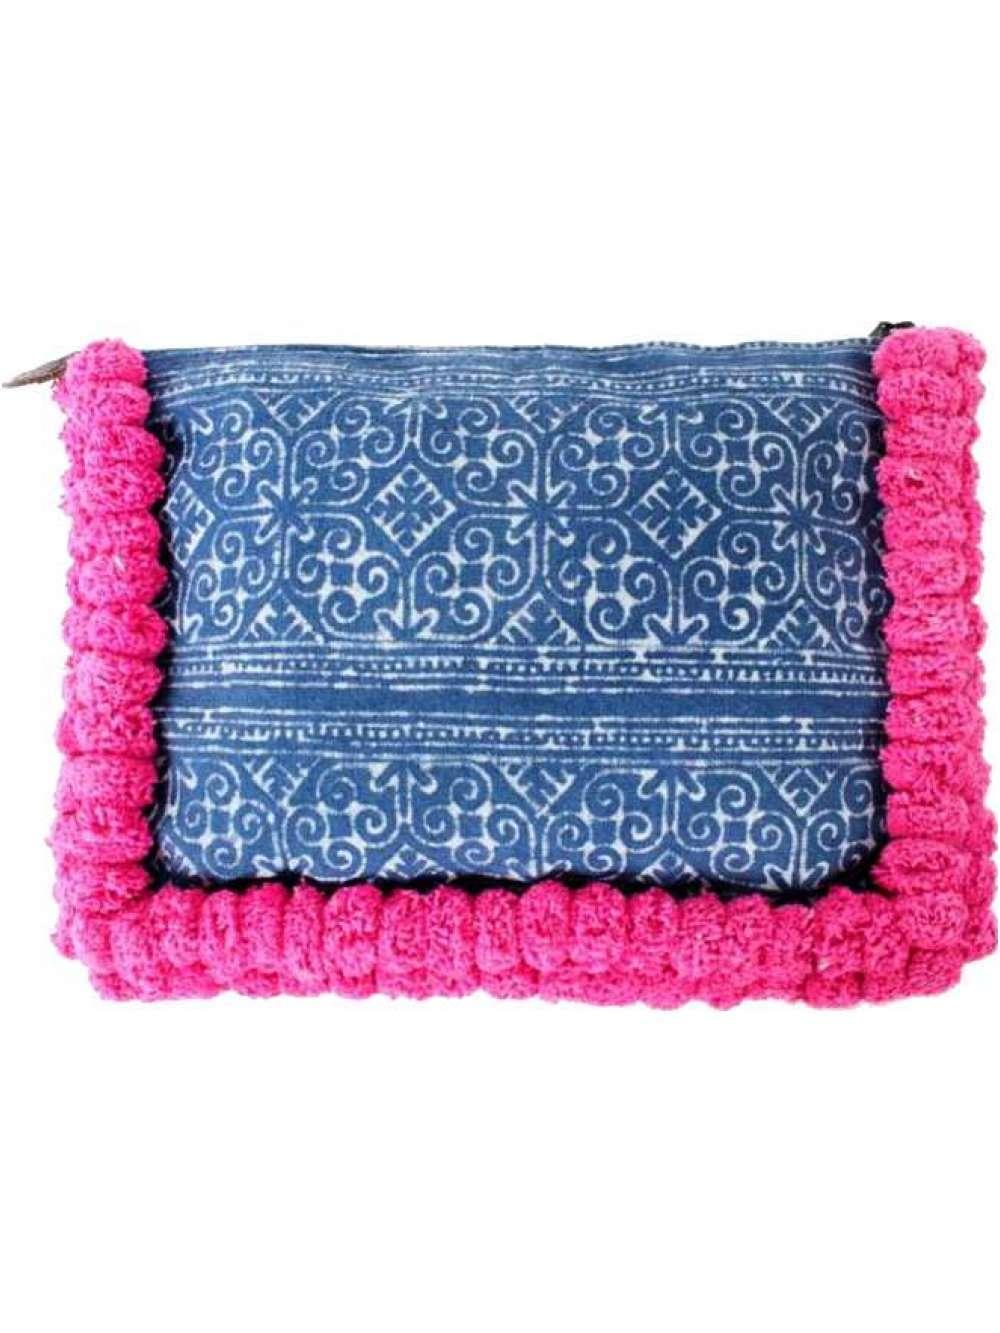 Batik Oversized Clutch with Pink Pom poms